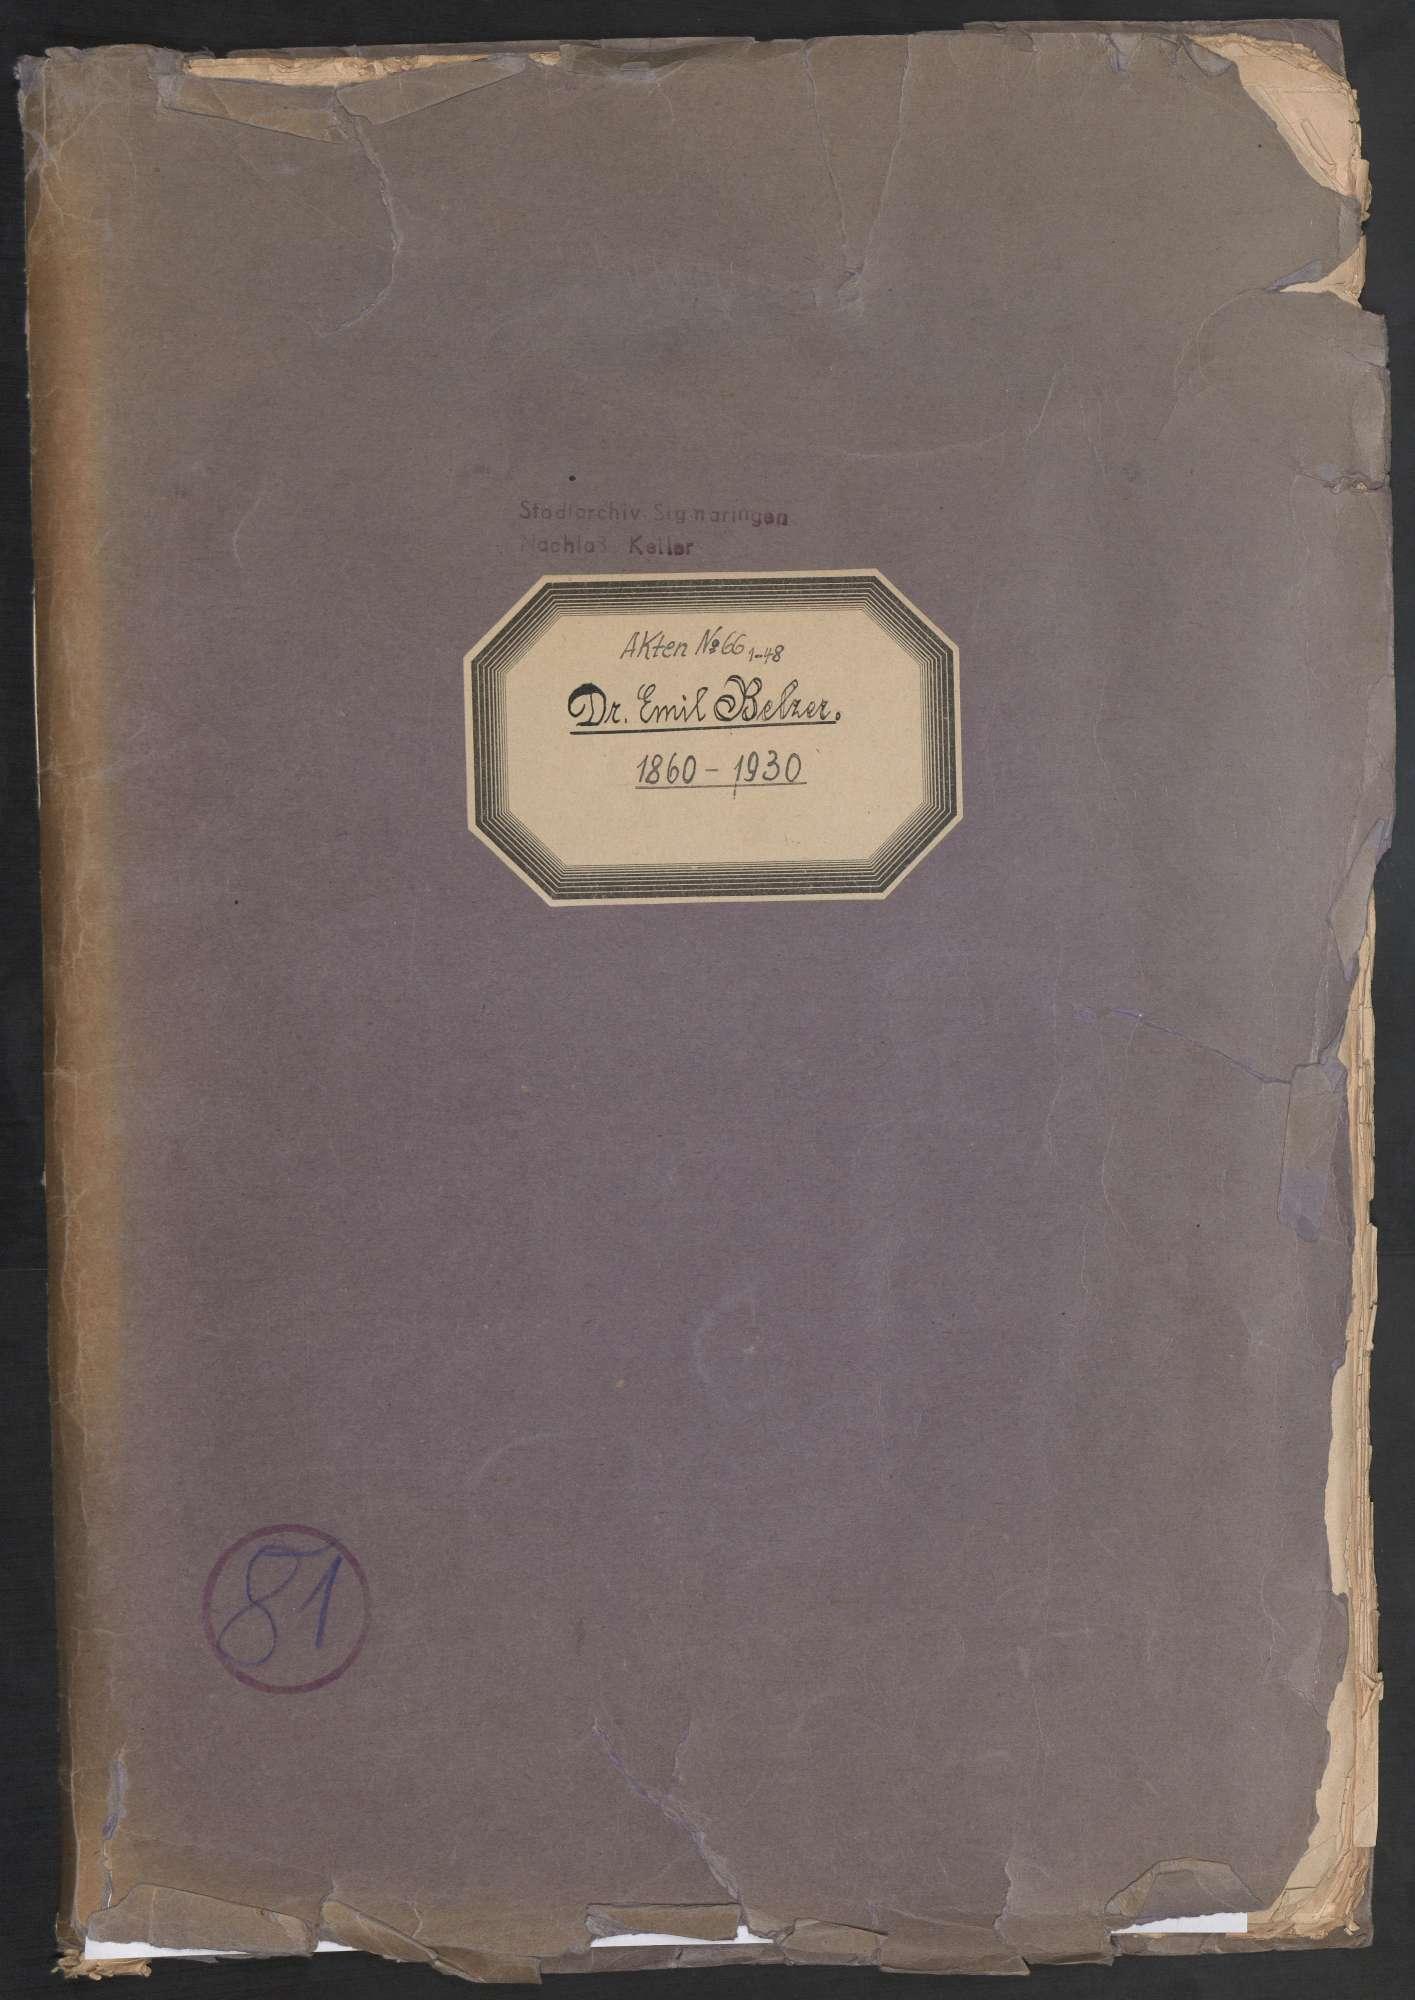 Dr. Emil Belzer, Regierungspräsident (1860 - 1930), Bild 1